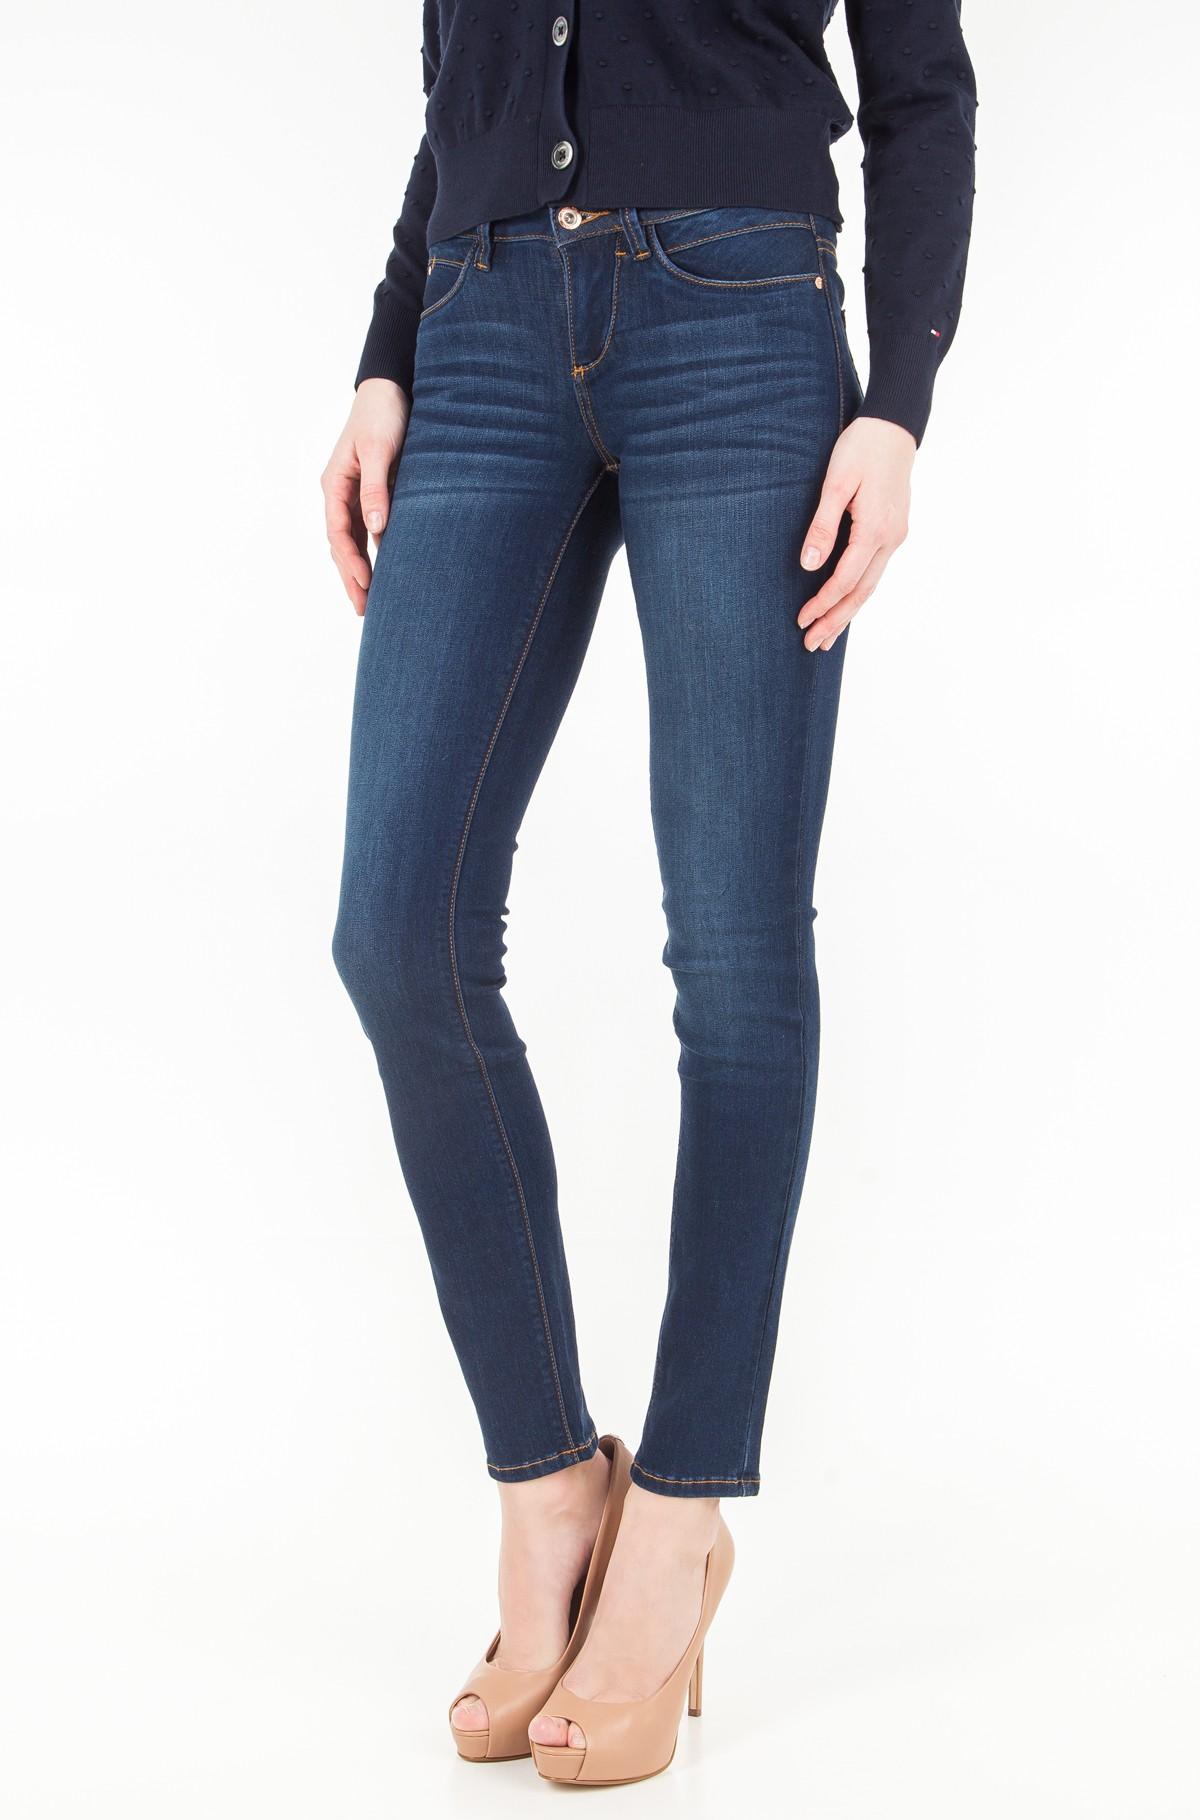 Jeans 6255229.09.70-full-1